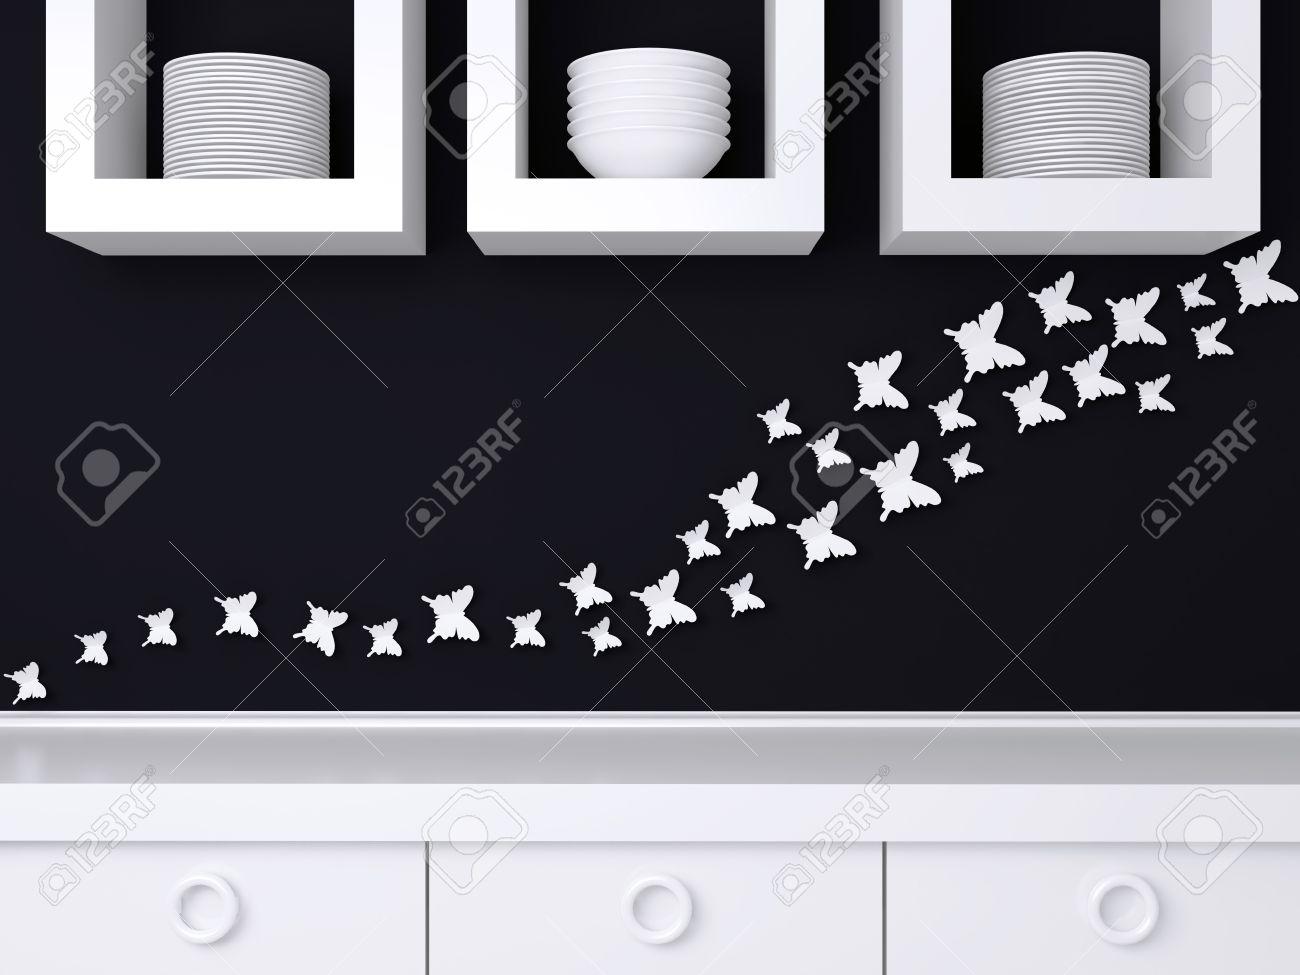 Moderne Weisse Und Schwarze Kuchengestaltung Keramik Geschirr Im Regal Schmetterling Dekor An Der Wand Lizenzfreie Fotos Bilder Und Stock Fotografie Image 32451725